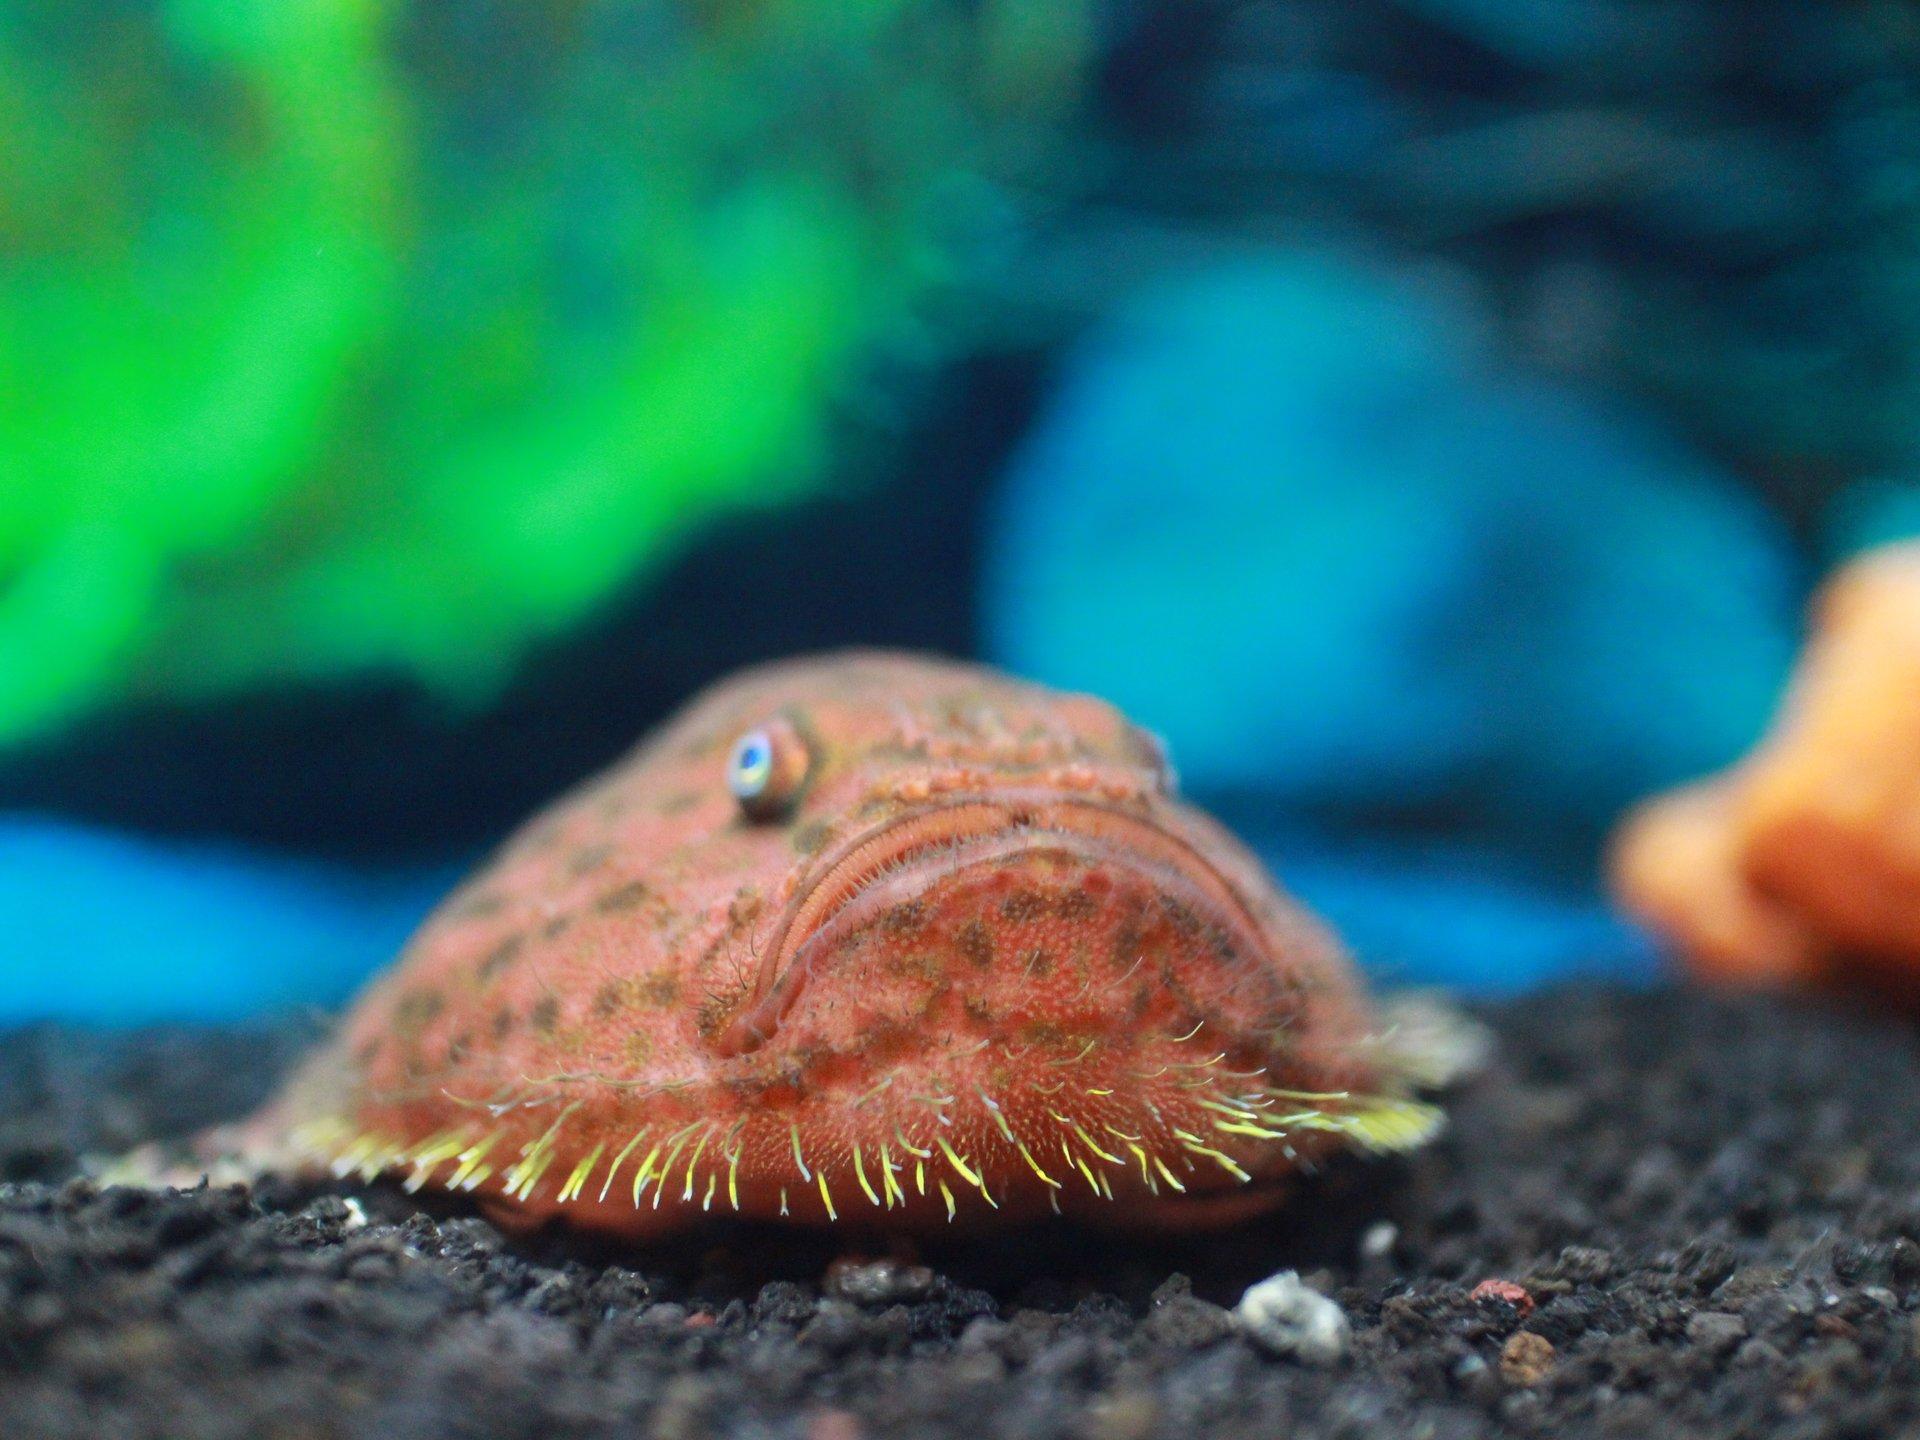 沼津港深海水族館をみて、駿河湾の魚介を食し、日本一巨大な水門から絶景【活けいけ丸、びゅうお、セリ】